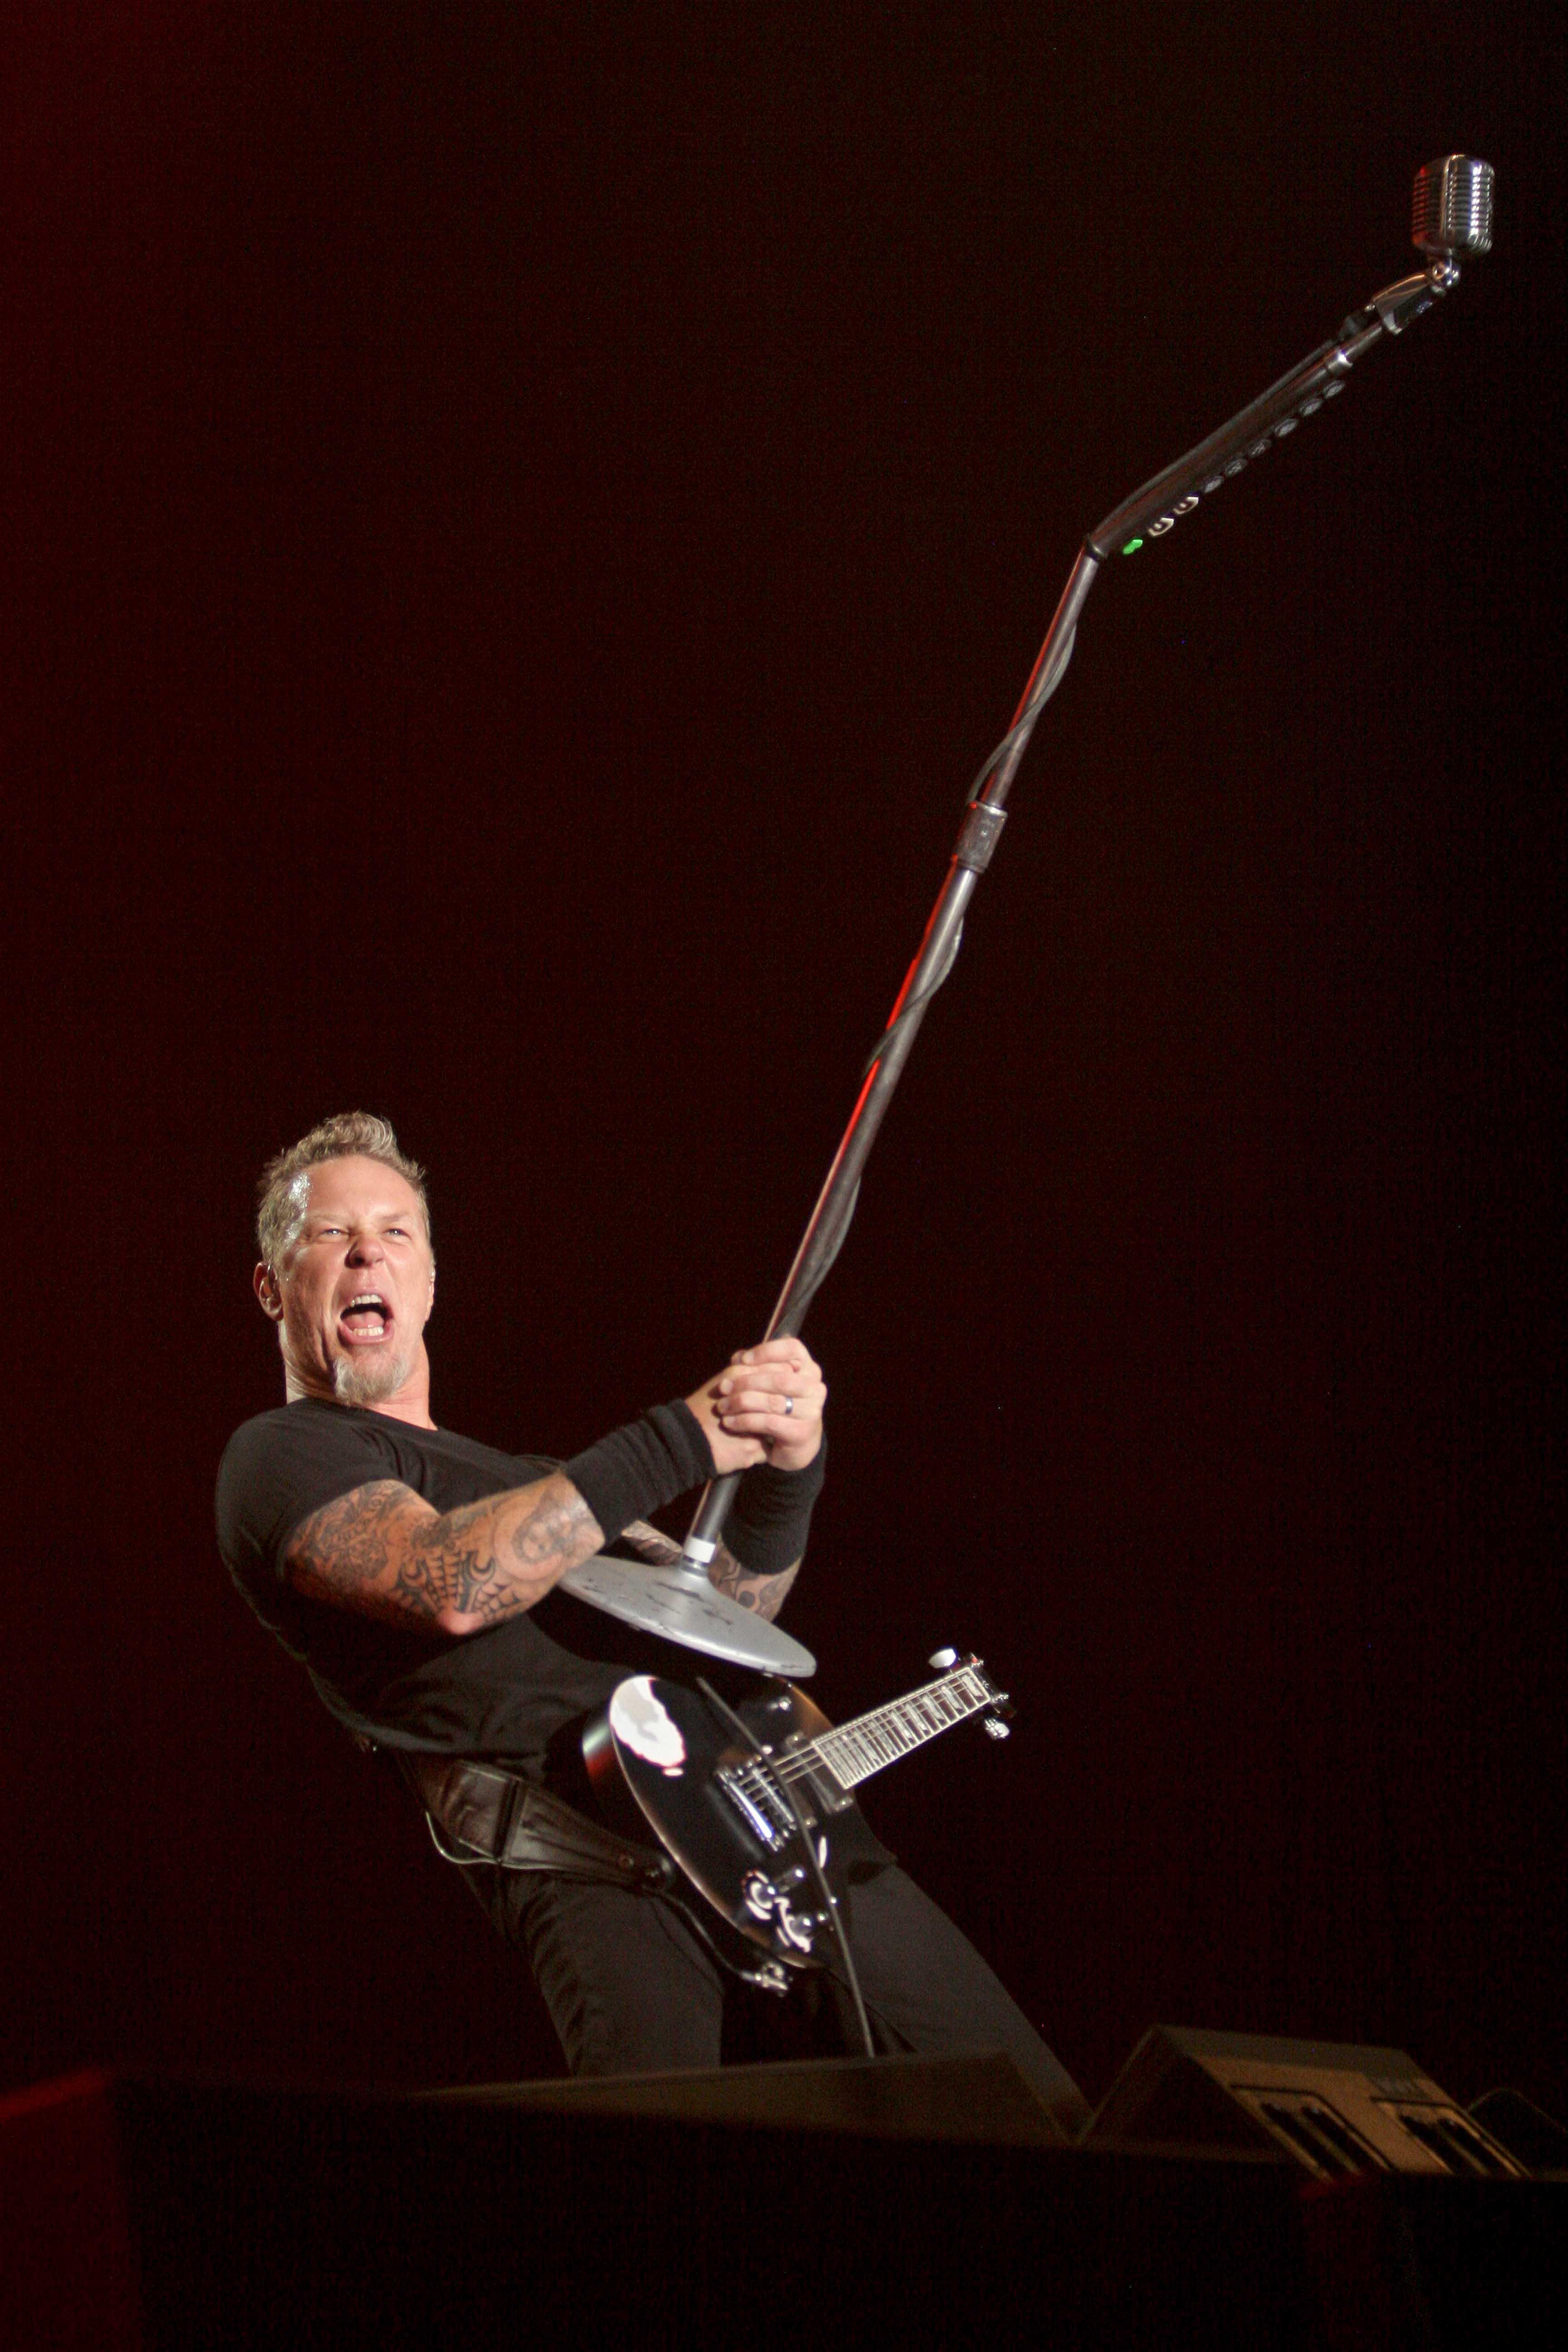 Concierto de la banda de rock estadounidense Metallica, cuyo  estilo es el  Heavy metal, en en el Hipodromo de la Rinconada. Caracas, 13-03-10 (WILLIAM DUMONT / EL NACIONAL)